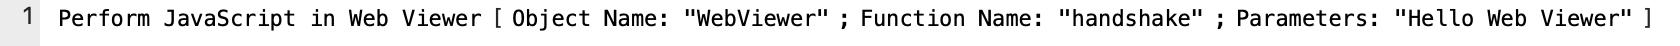 Perform JavaScript in Web Viewer script step example